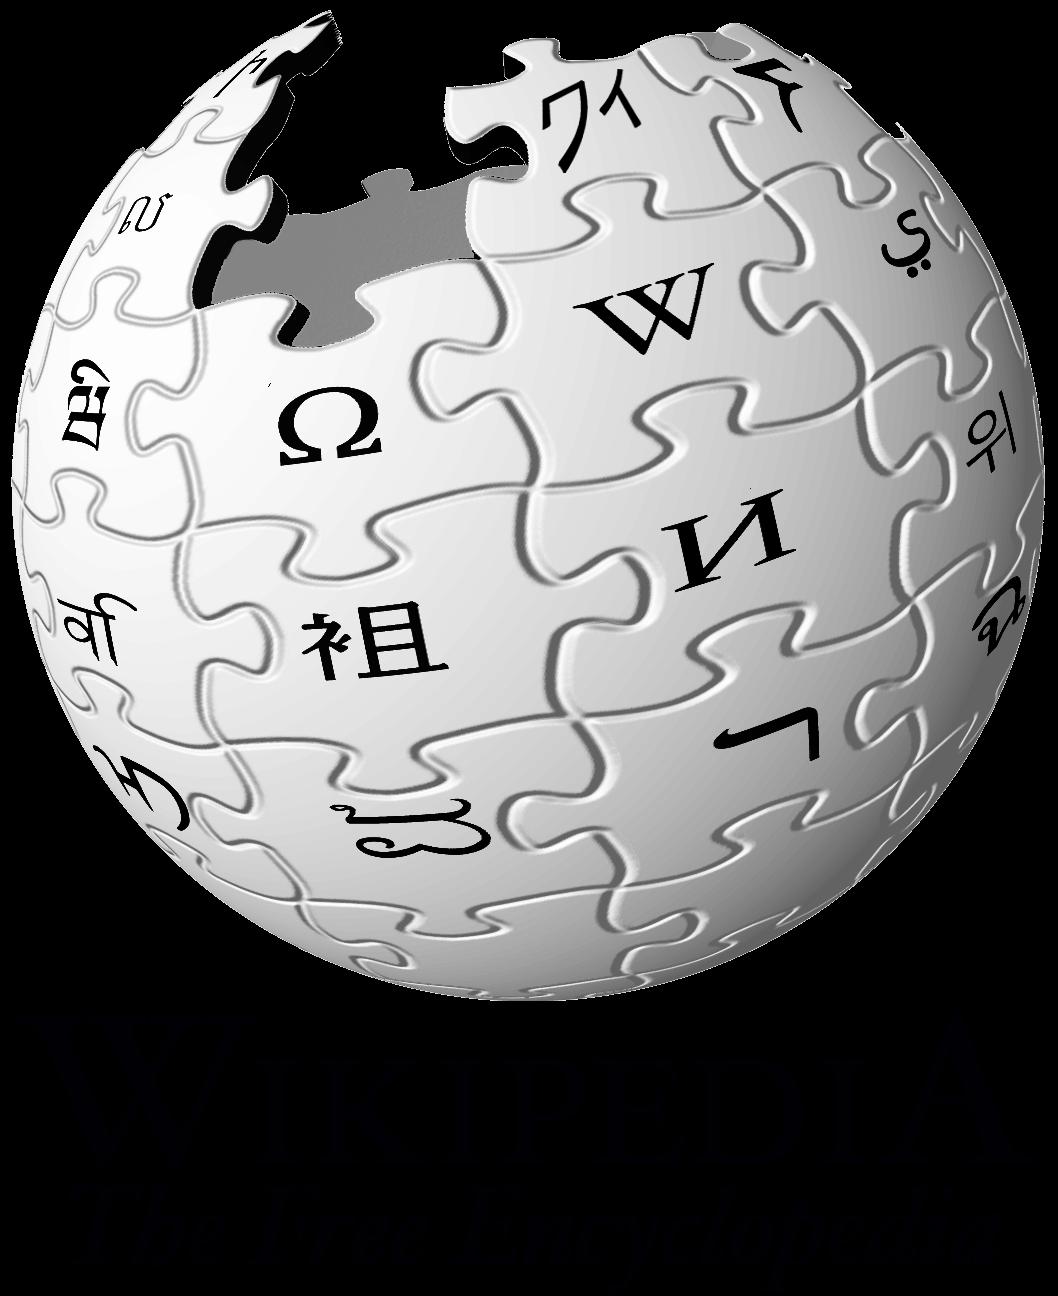 wikipedia donation